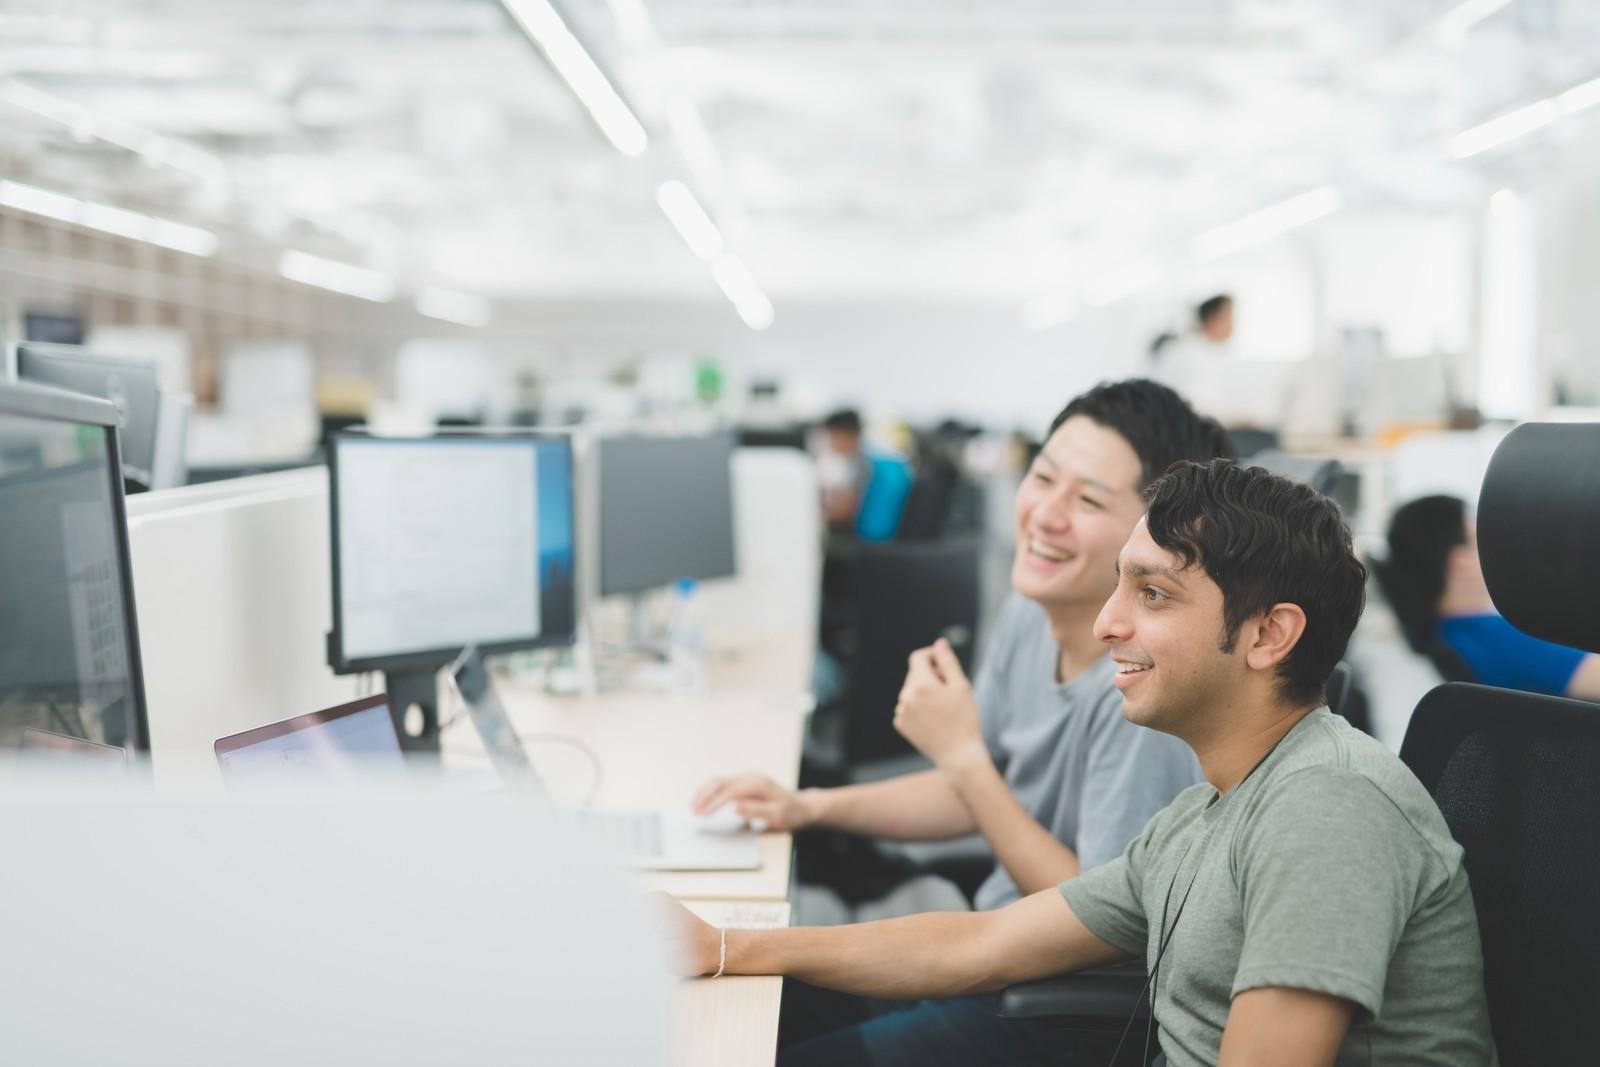 【サーバーサイドエンジニア】LINEの開発エンジニア募集!